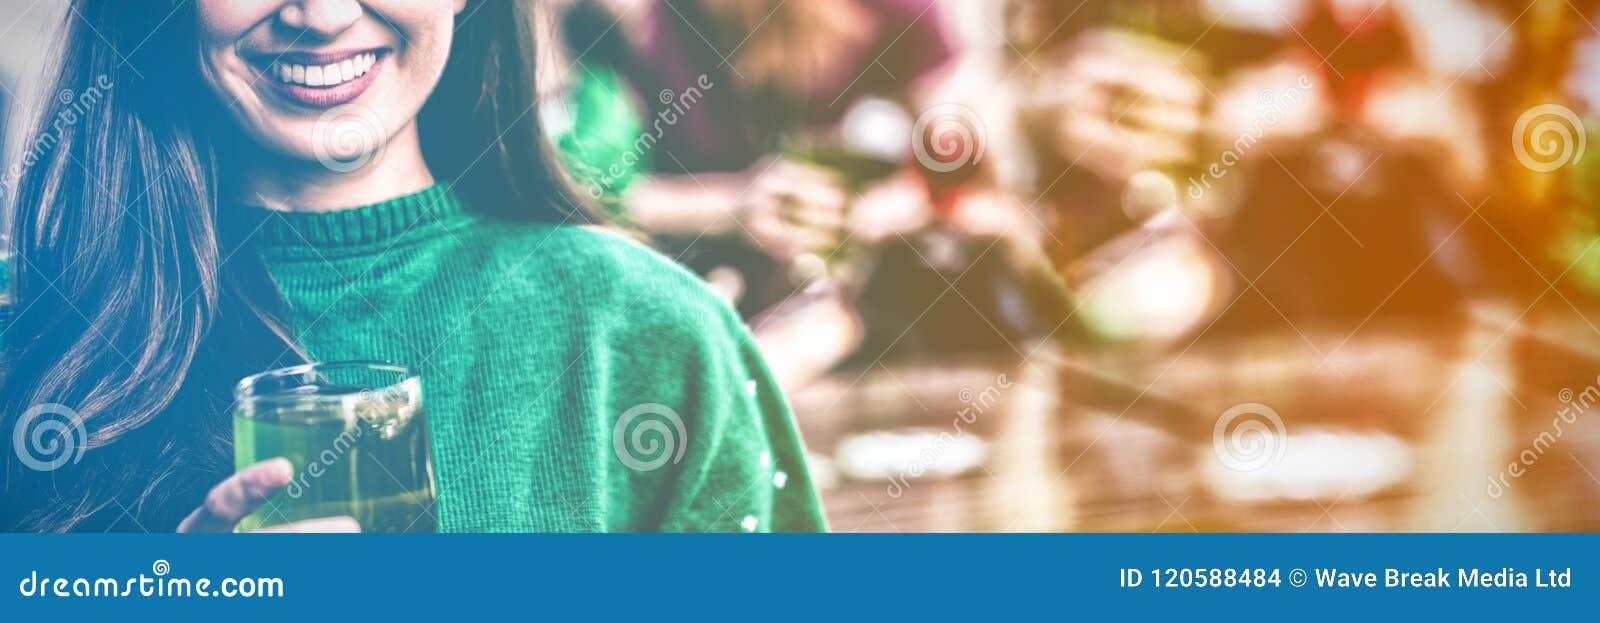 Portrait de femme gaie célébrant le jour de St Patricks